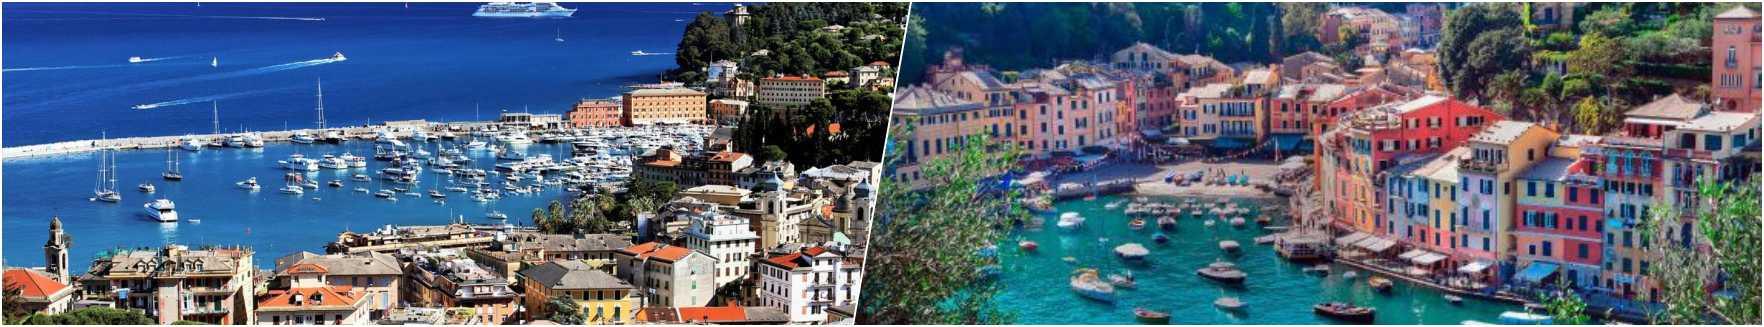 Santa Margerita - Portofino